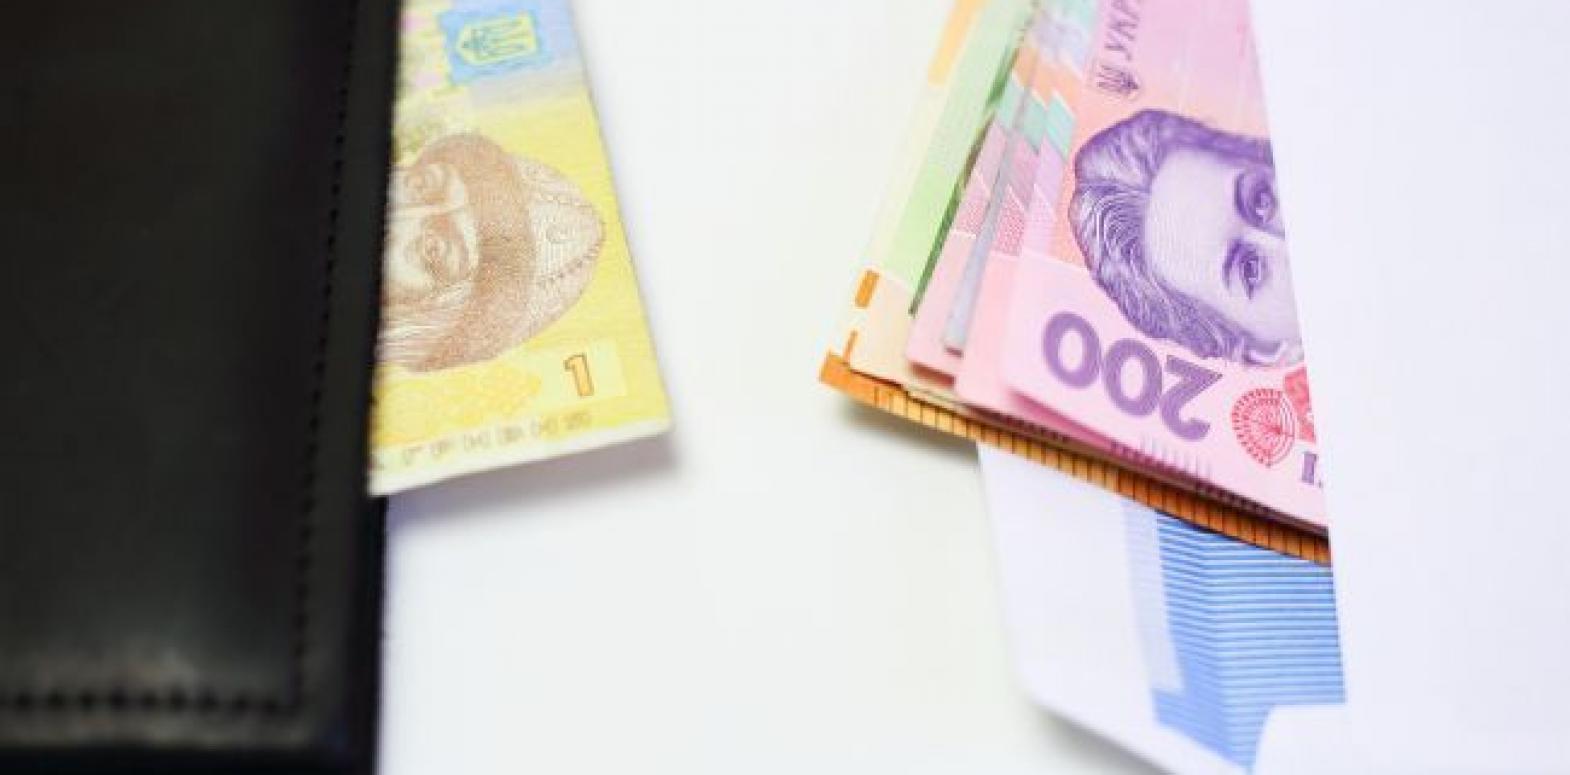 Темпы роста реальных доходов украинцев замедлились в 1,7 раза